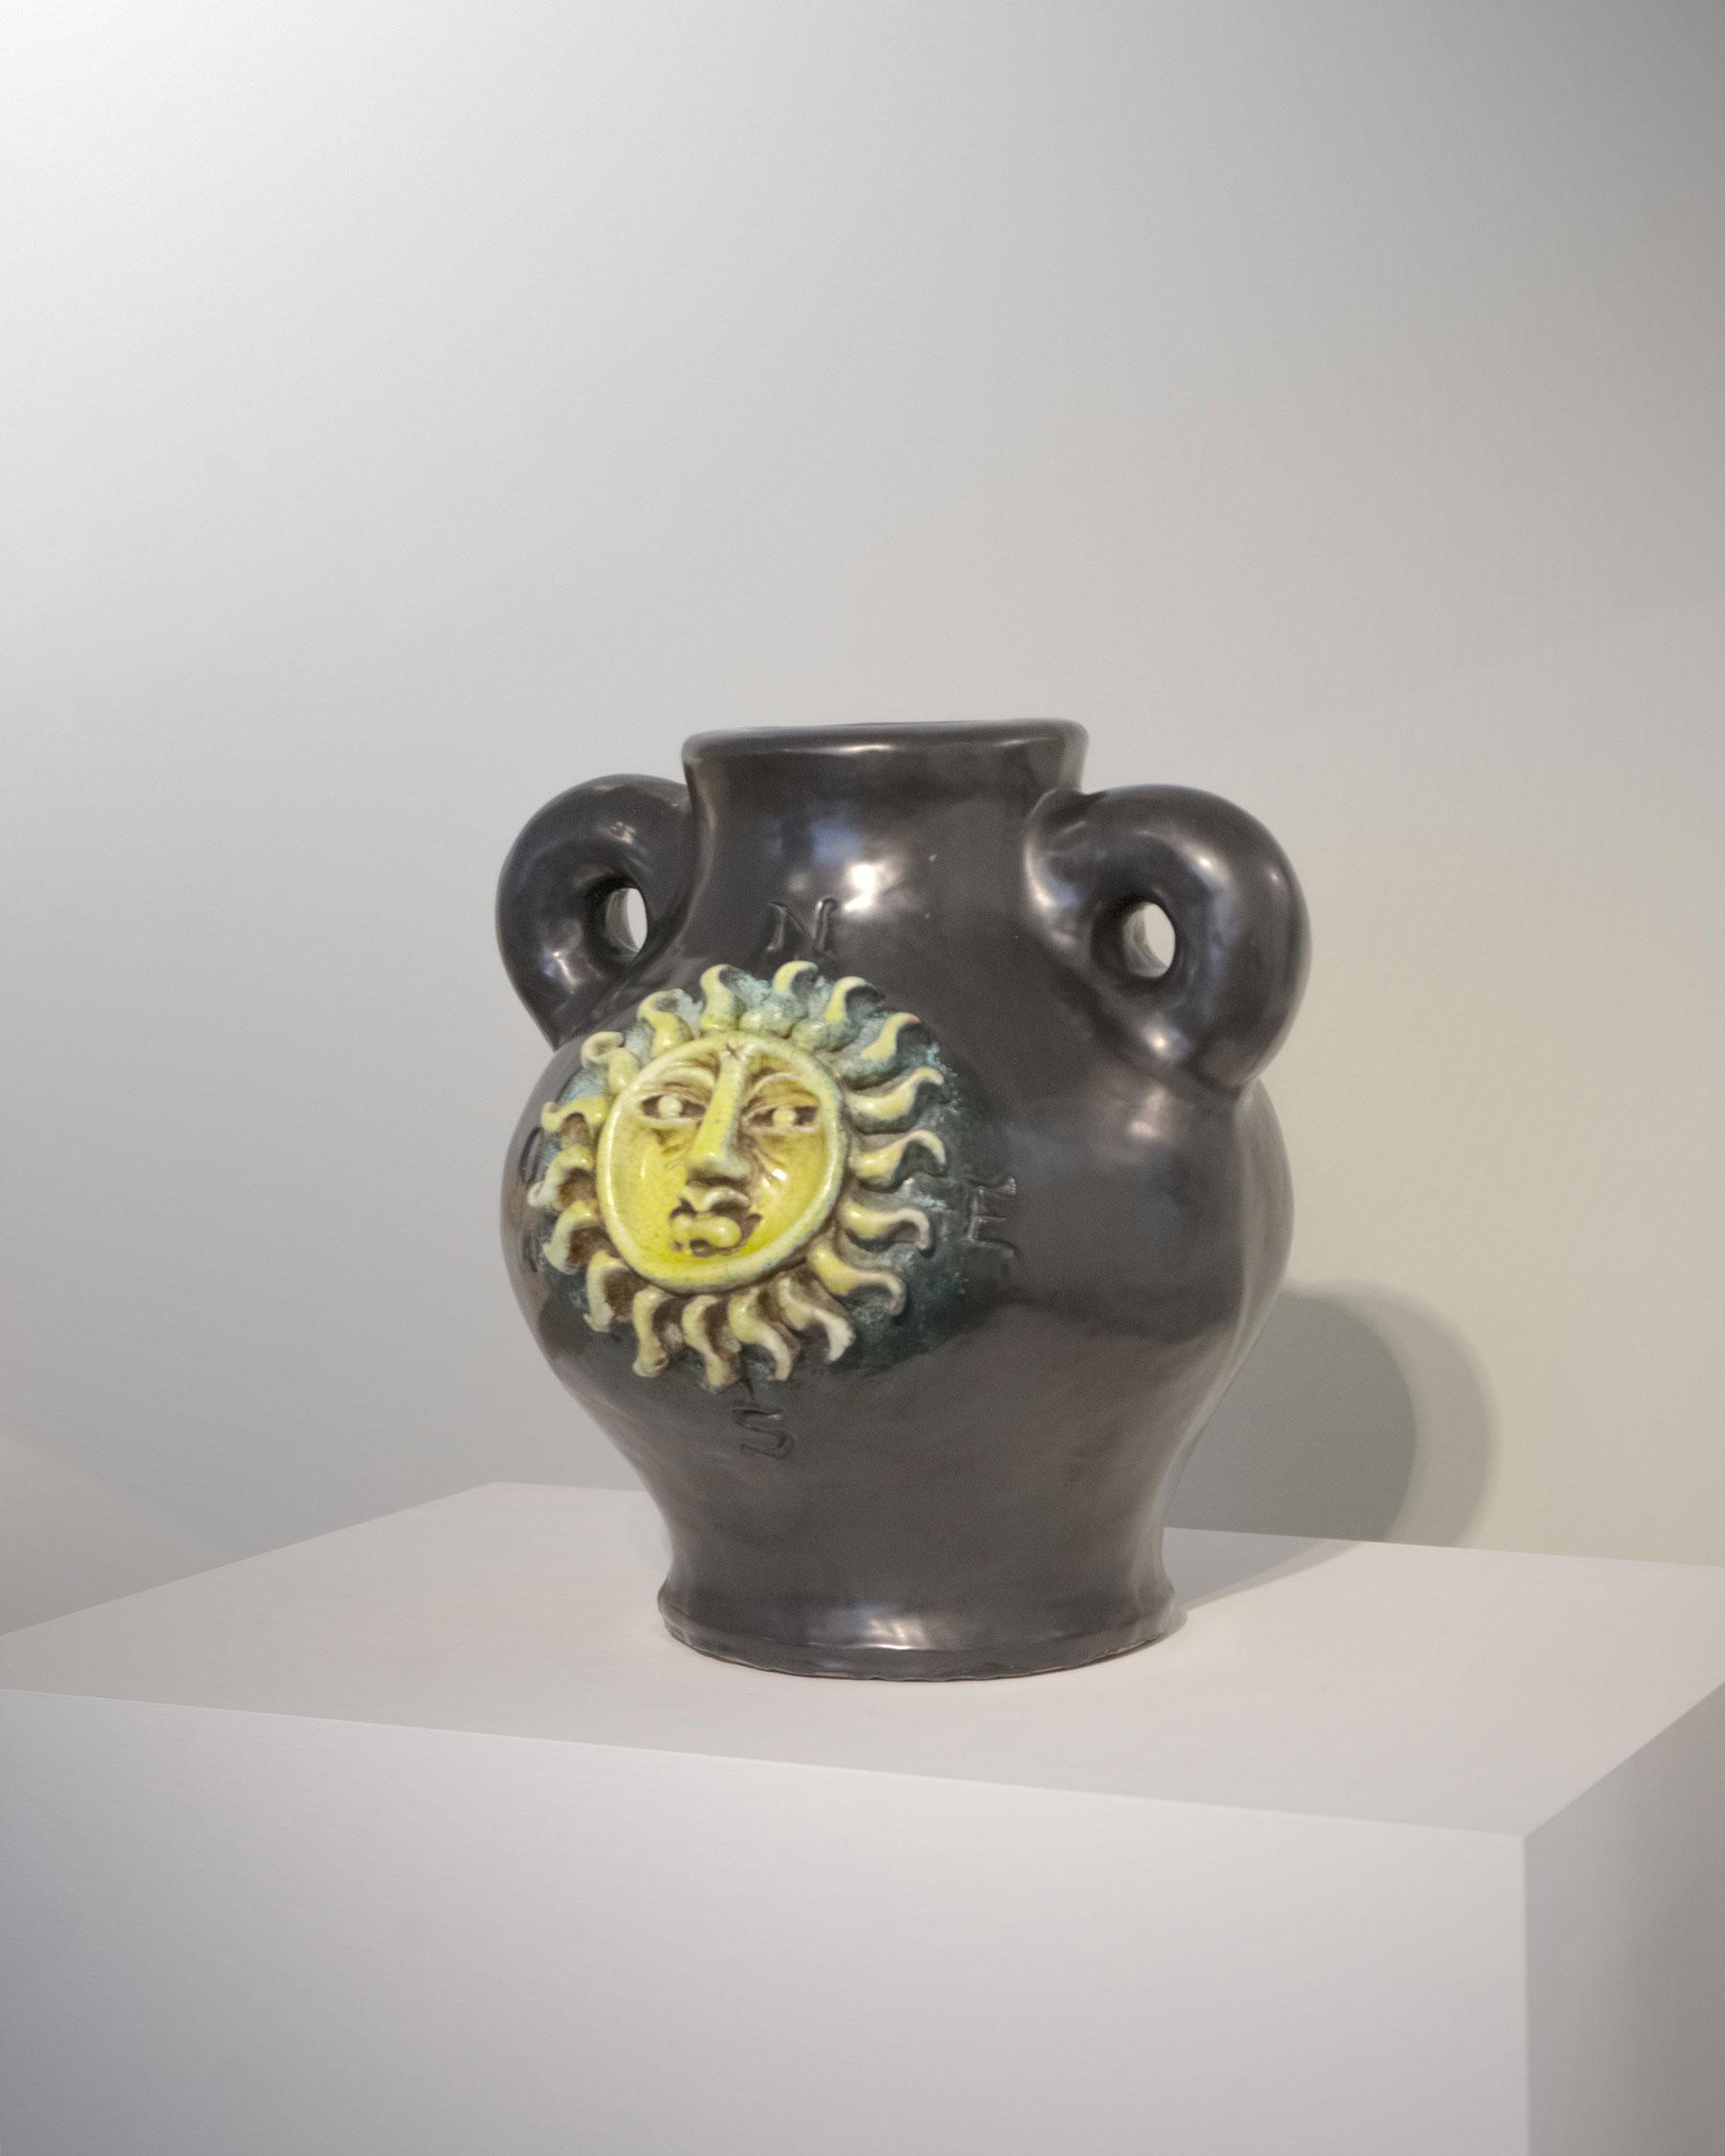 Georges Jouve, Important Soleil vase with cardinal points, vue 02